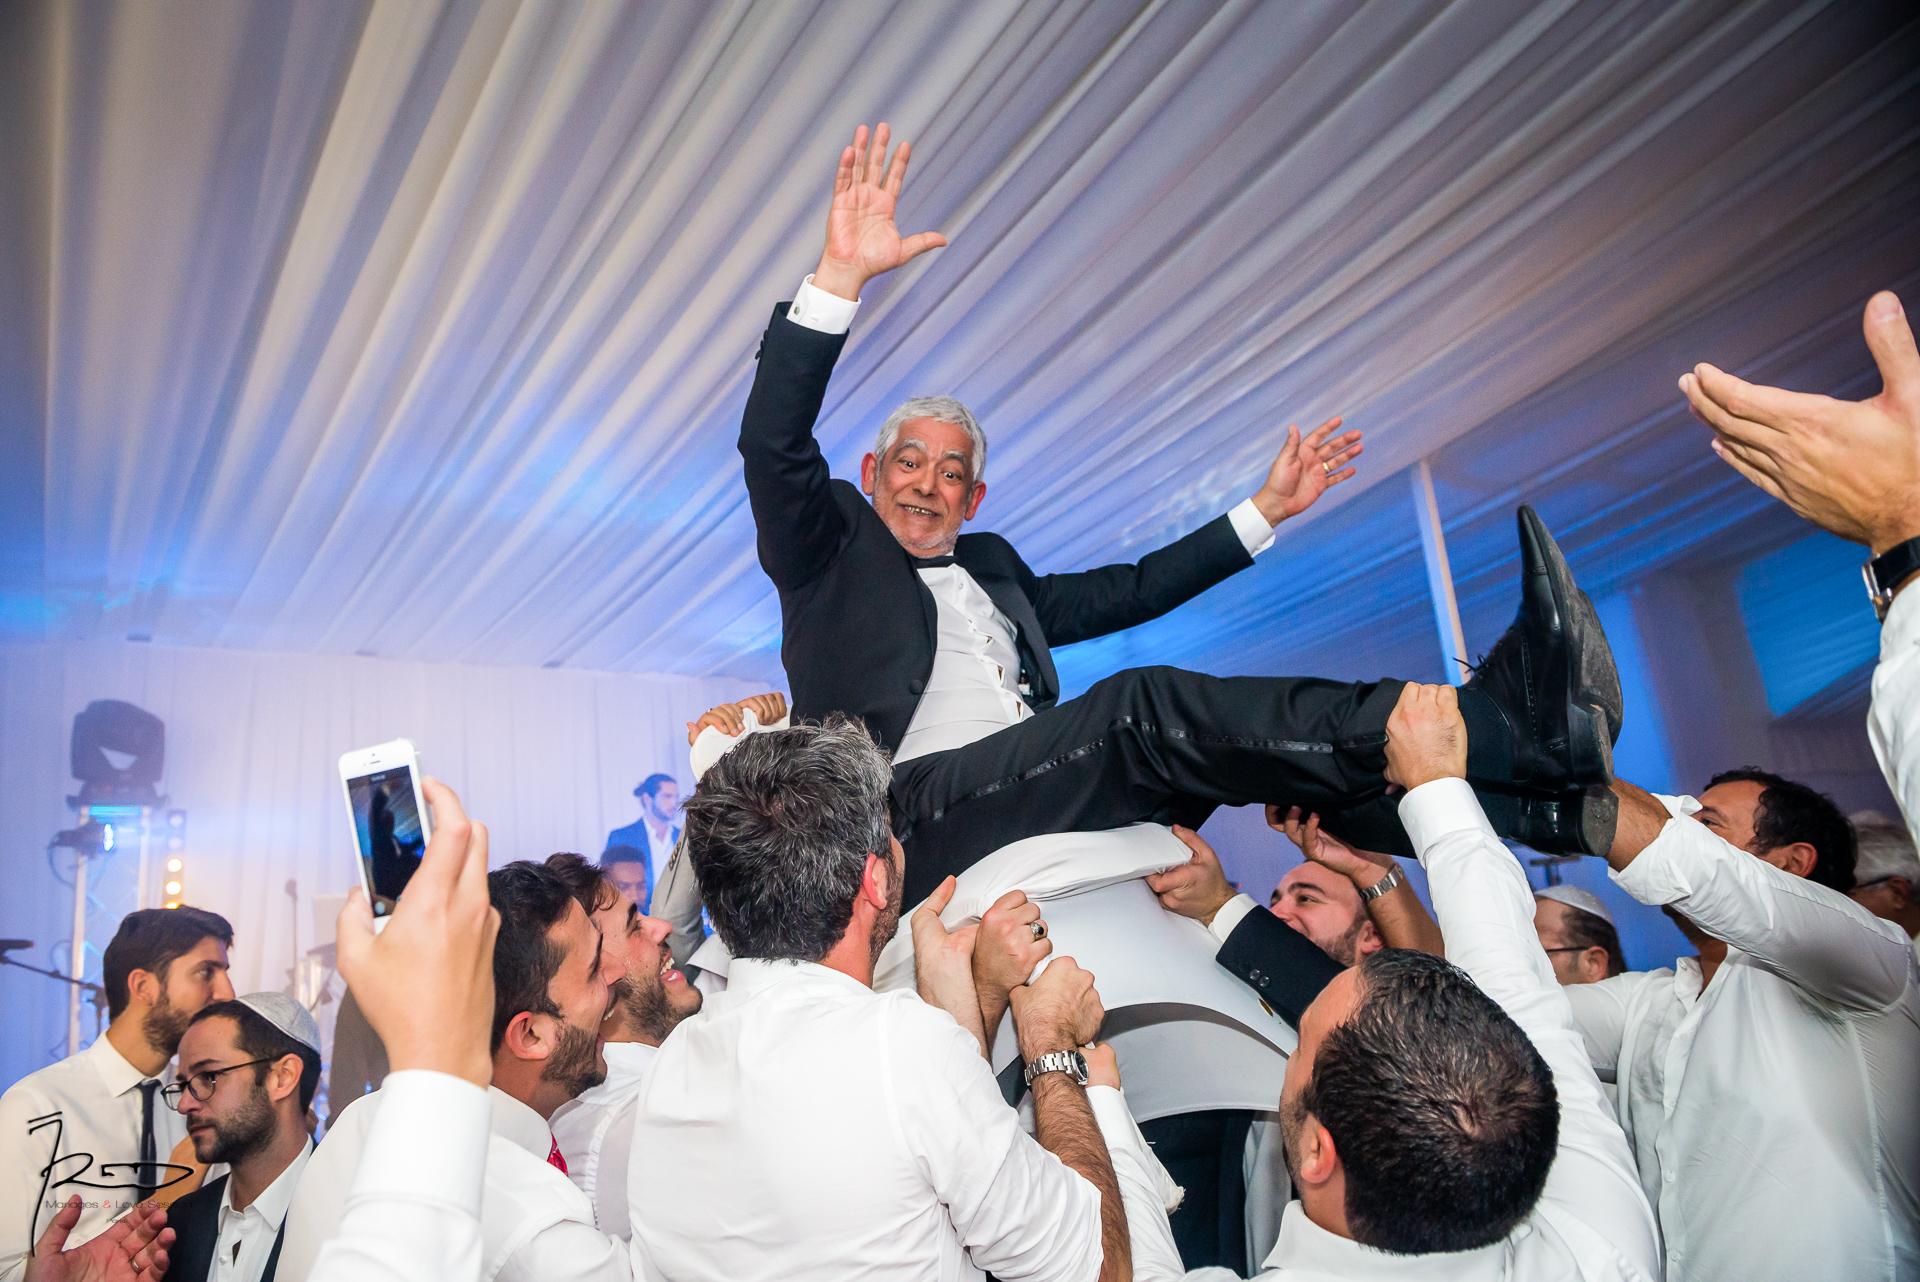 photographe mariage juif manoir des cygnes 136 photographe mariage paris - Photographe Mariage Juif